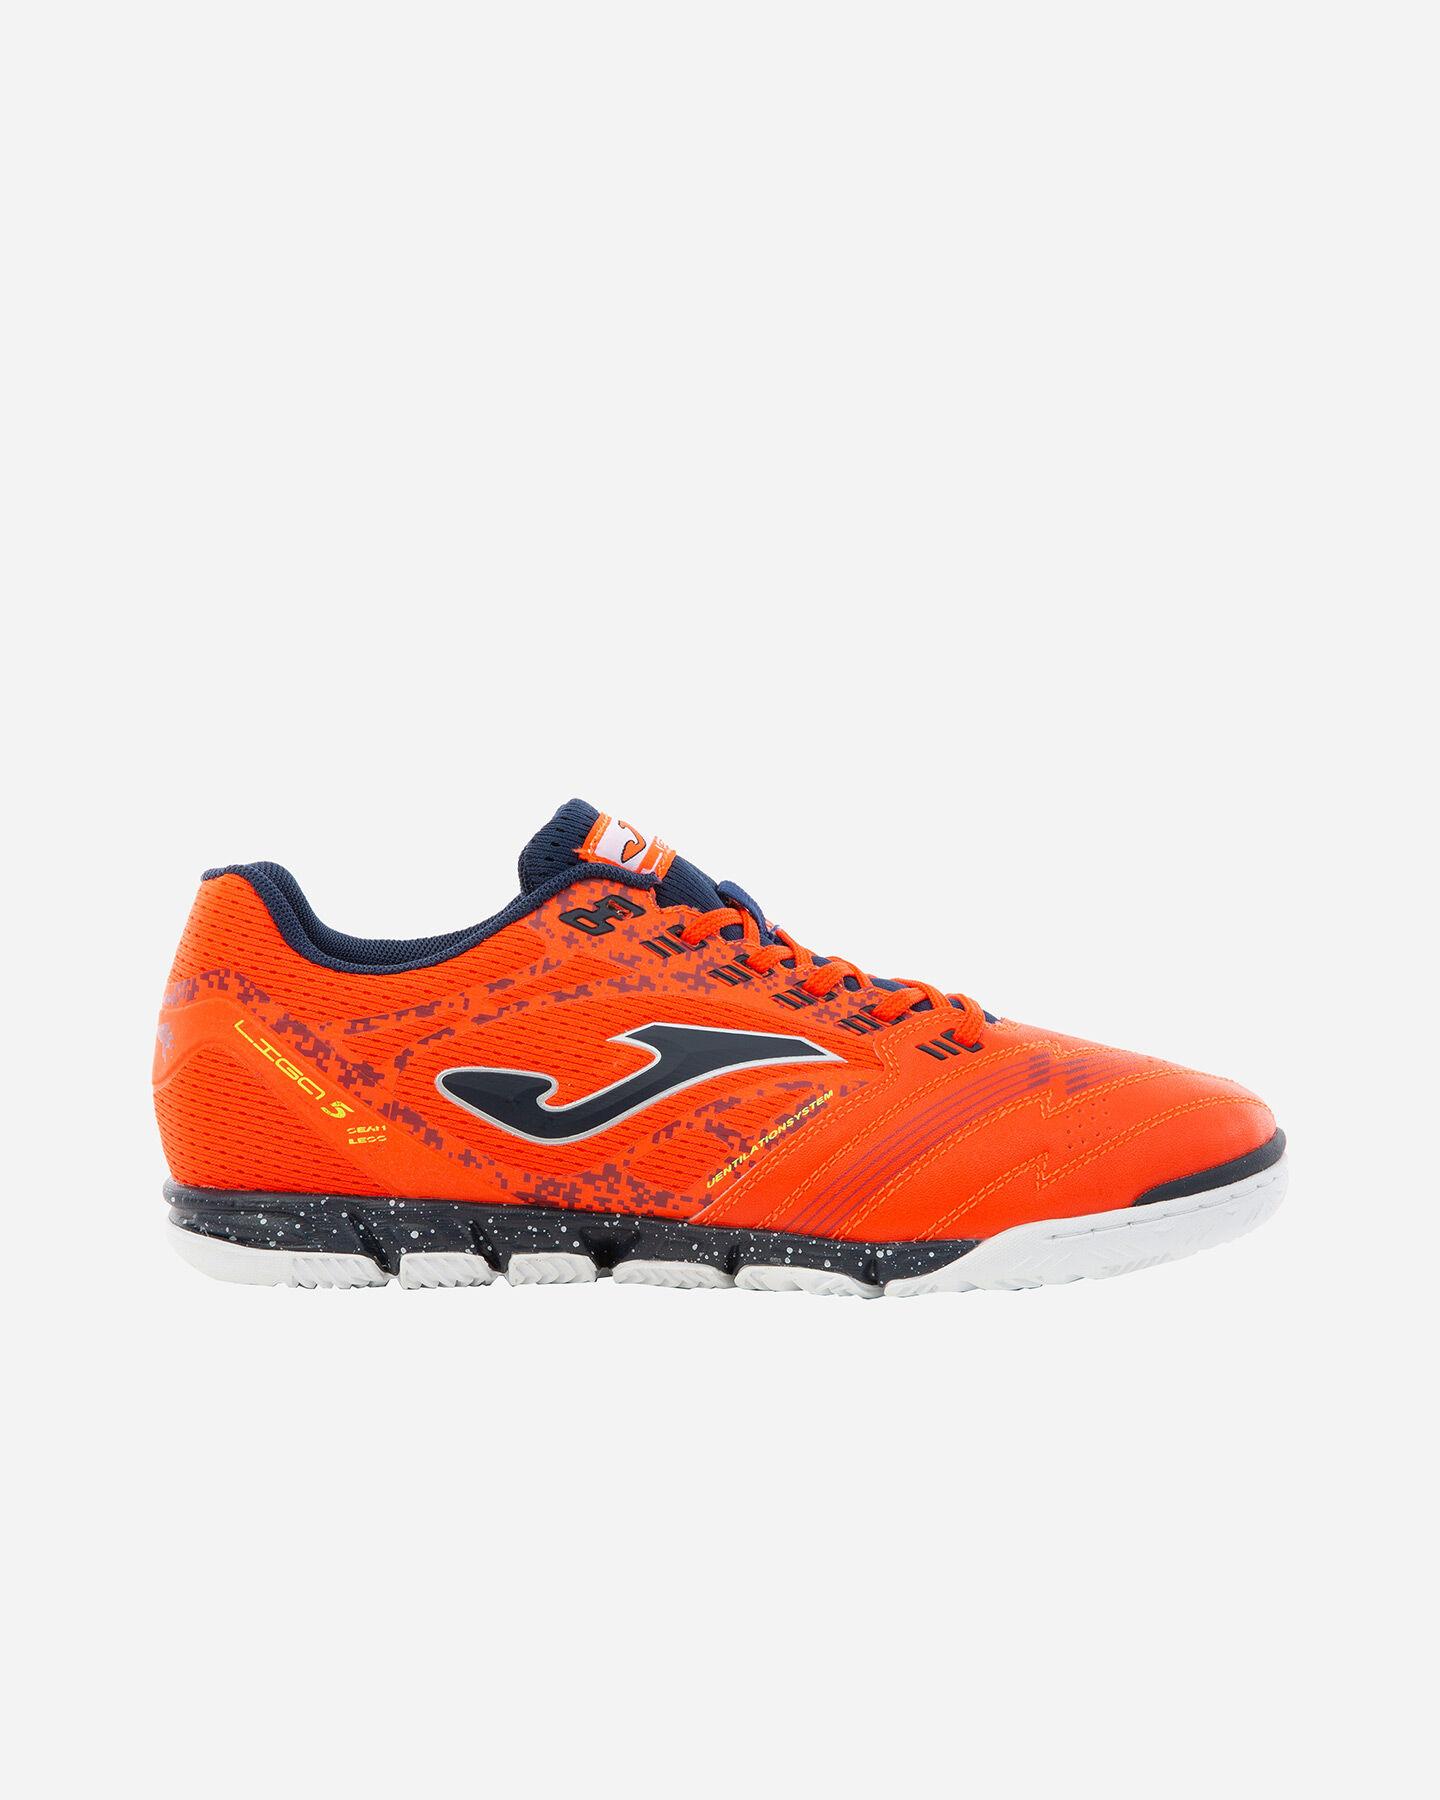 joma liga in m scarpe calcio uomo